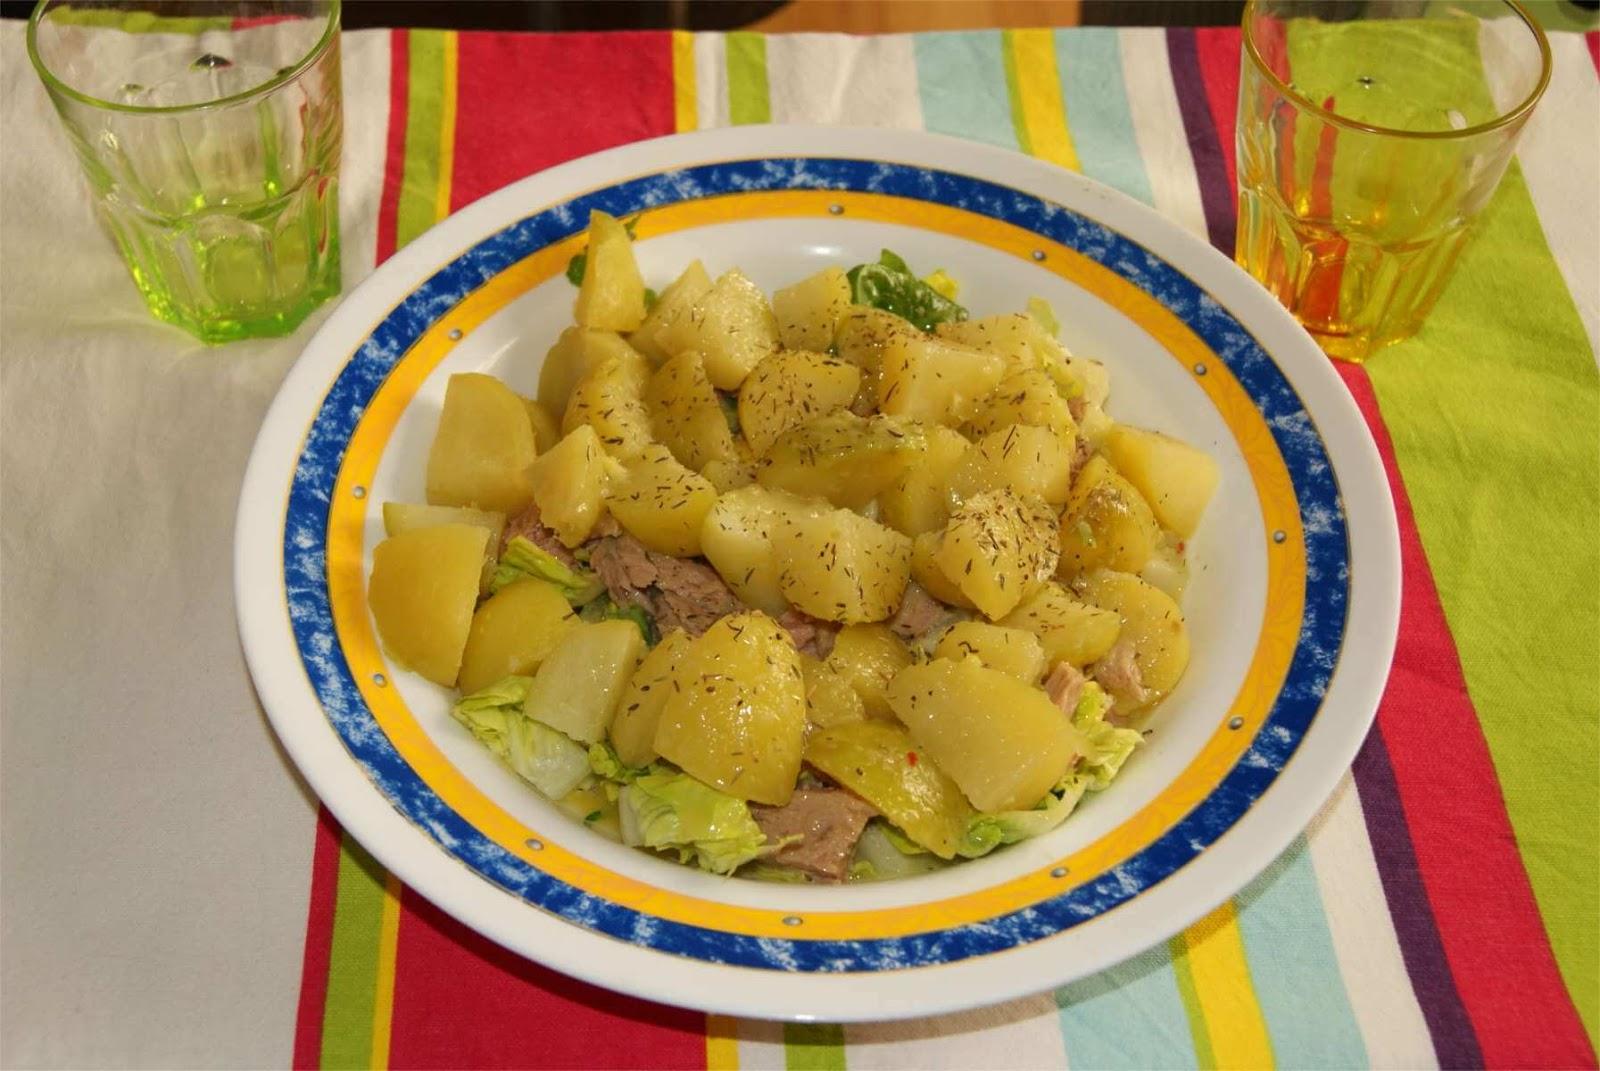 Receta de ensalada de patatas al guacamole